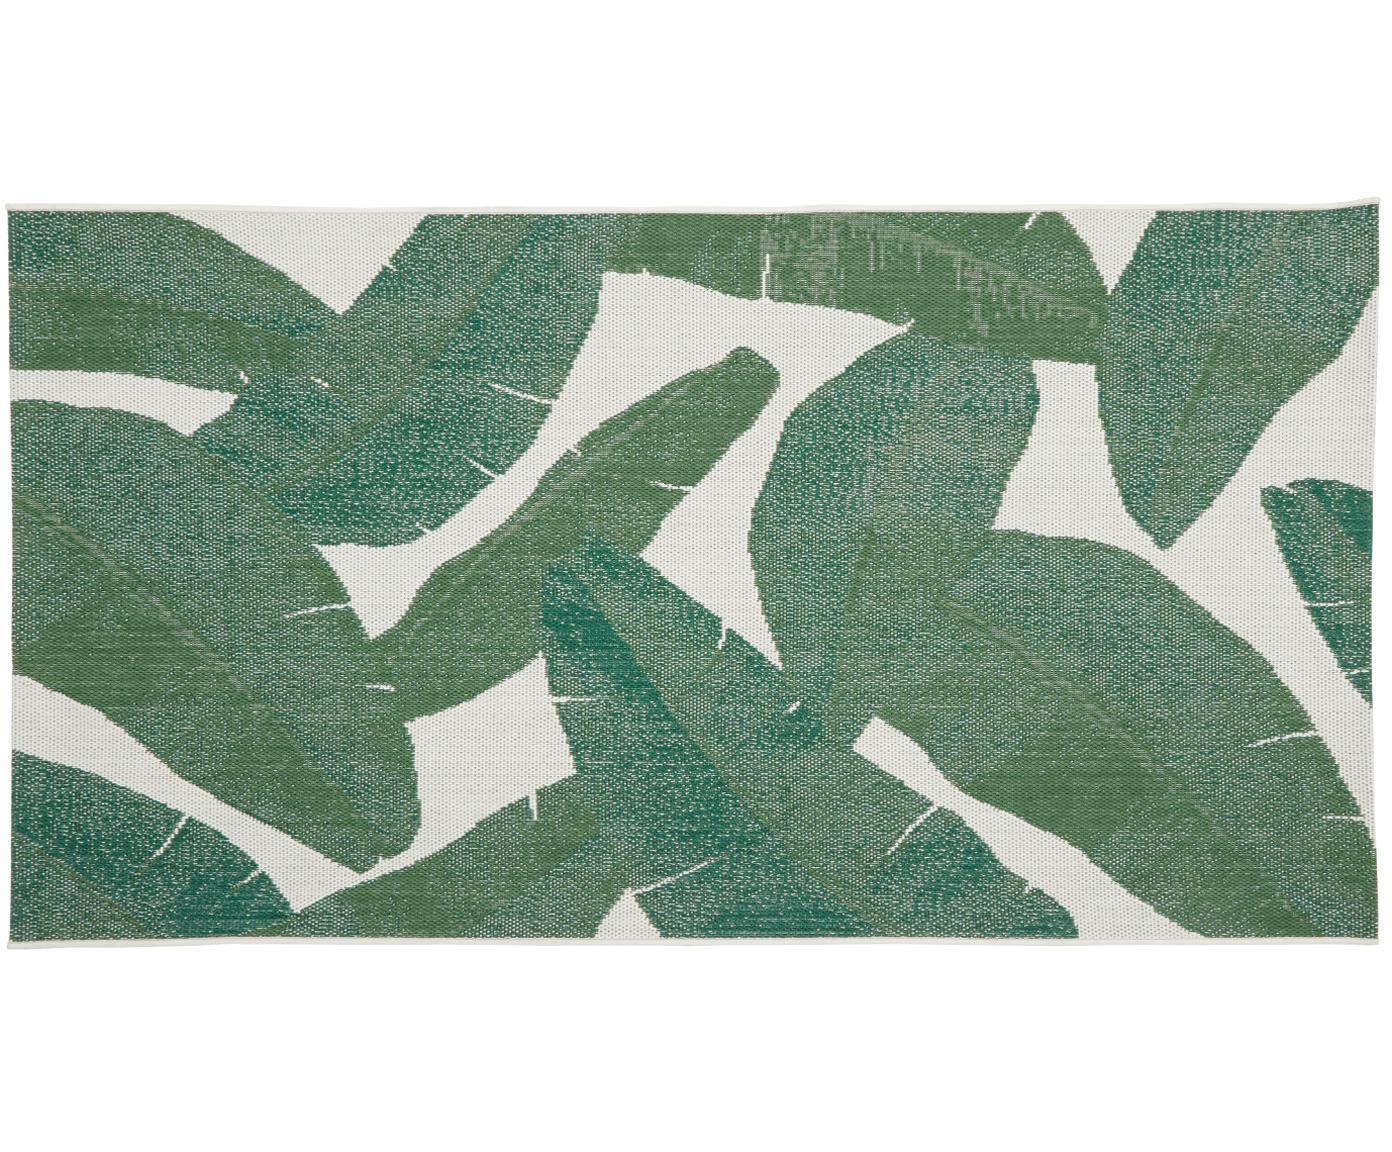 Dywan wewnętrzny/zewnętrzny Jungle, Kremowobiały, zielony, S 80 x D 150 cm (Rozmiar XS)